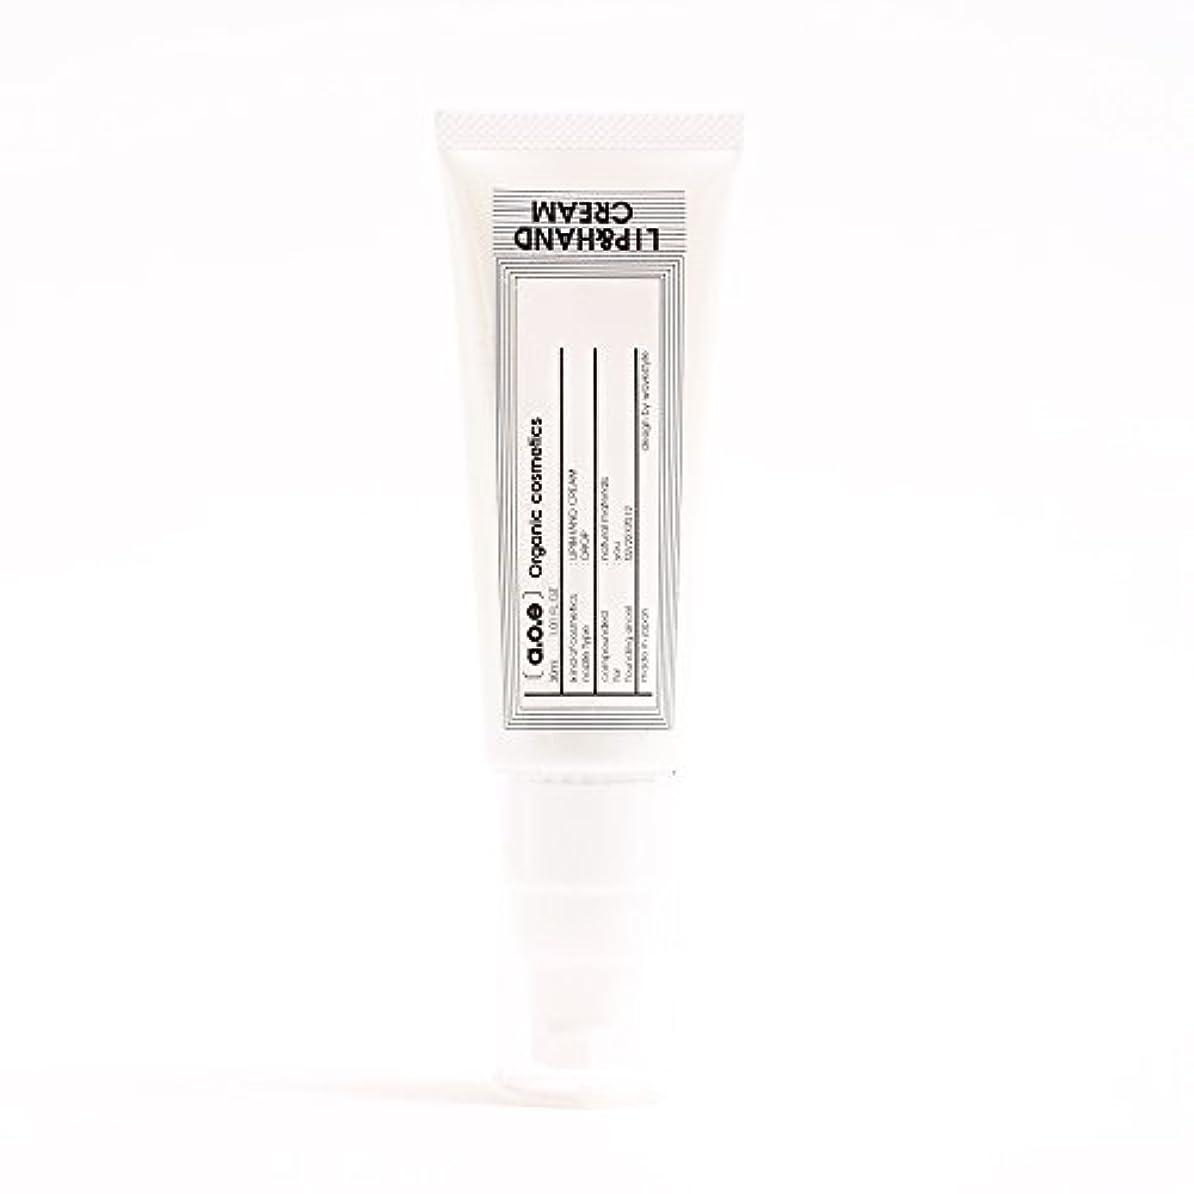 クック免疫膨張するaoe 【無添加オーガニック】UVカット オイルリップ&ハンドクリーム/乾燥性敏感肌